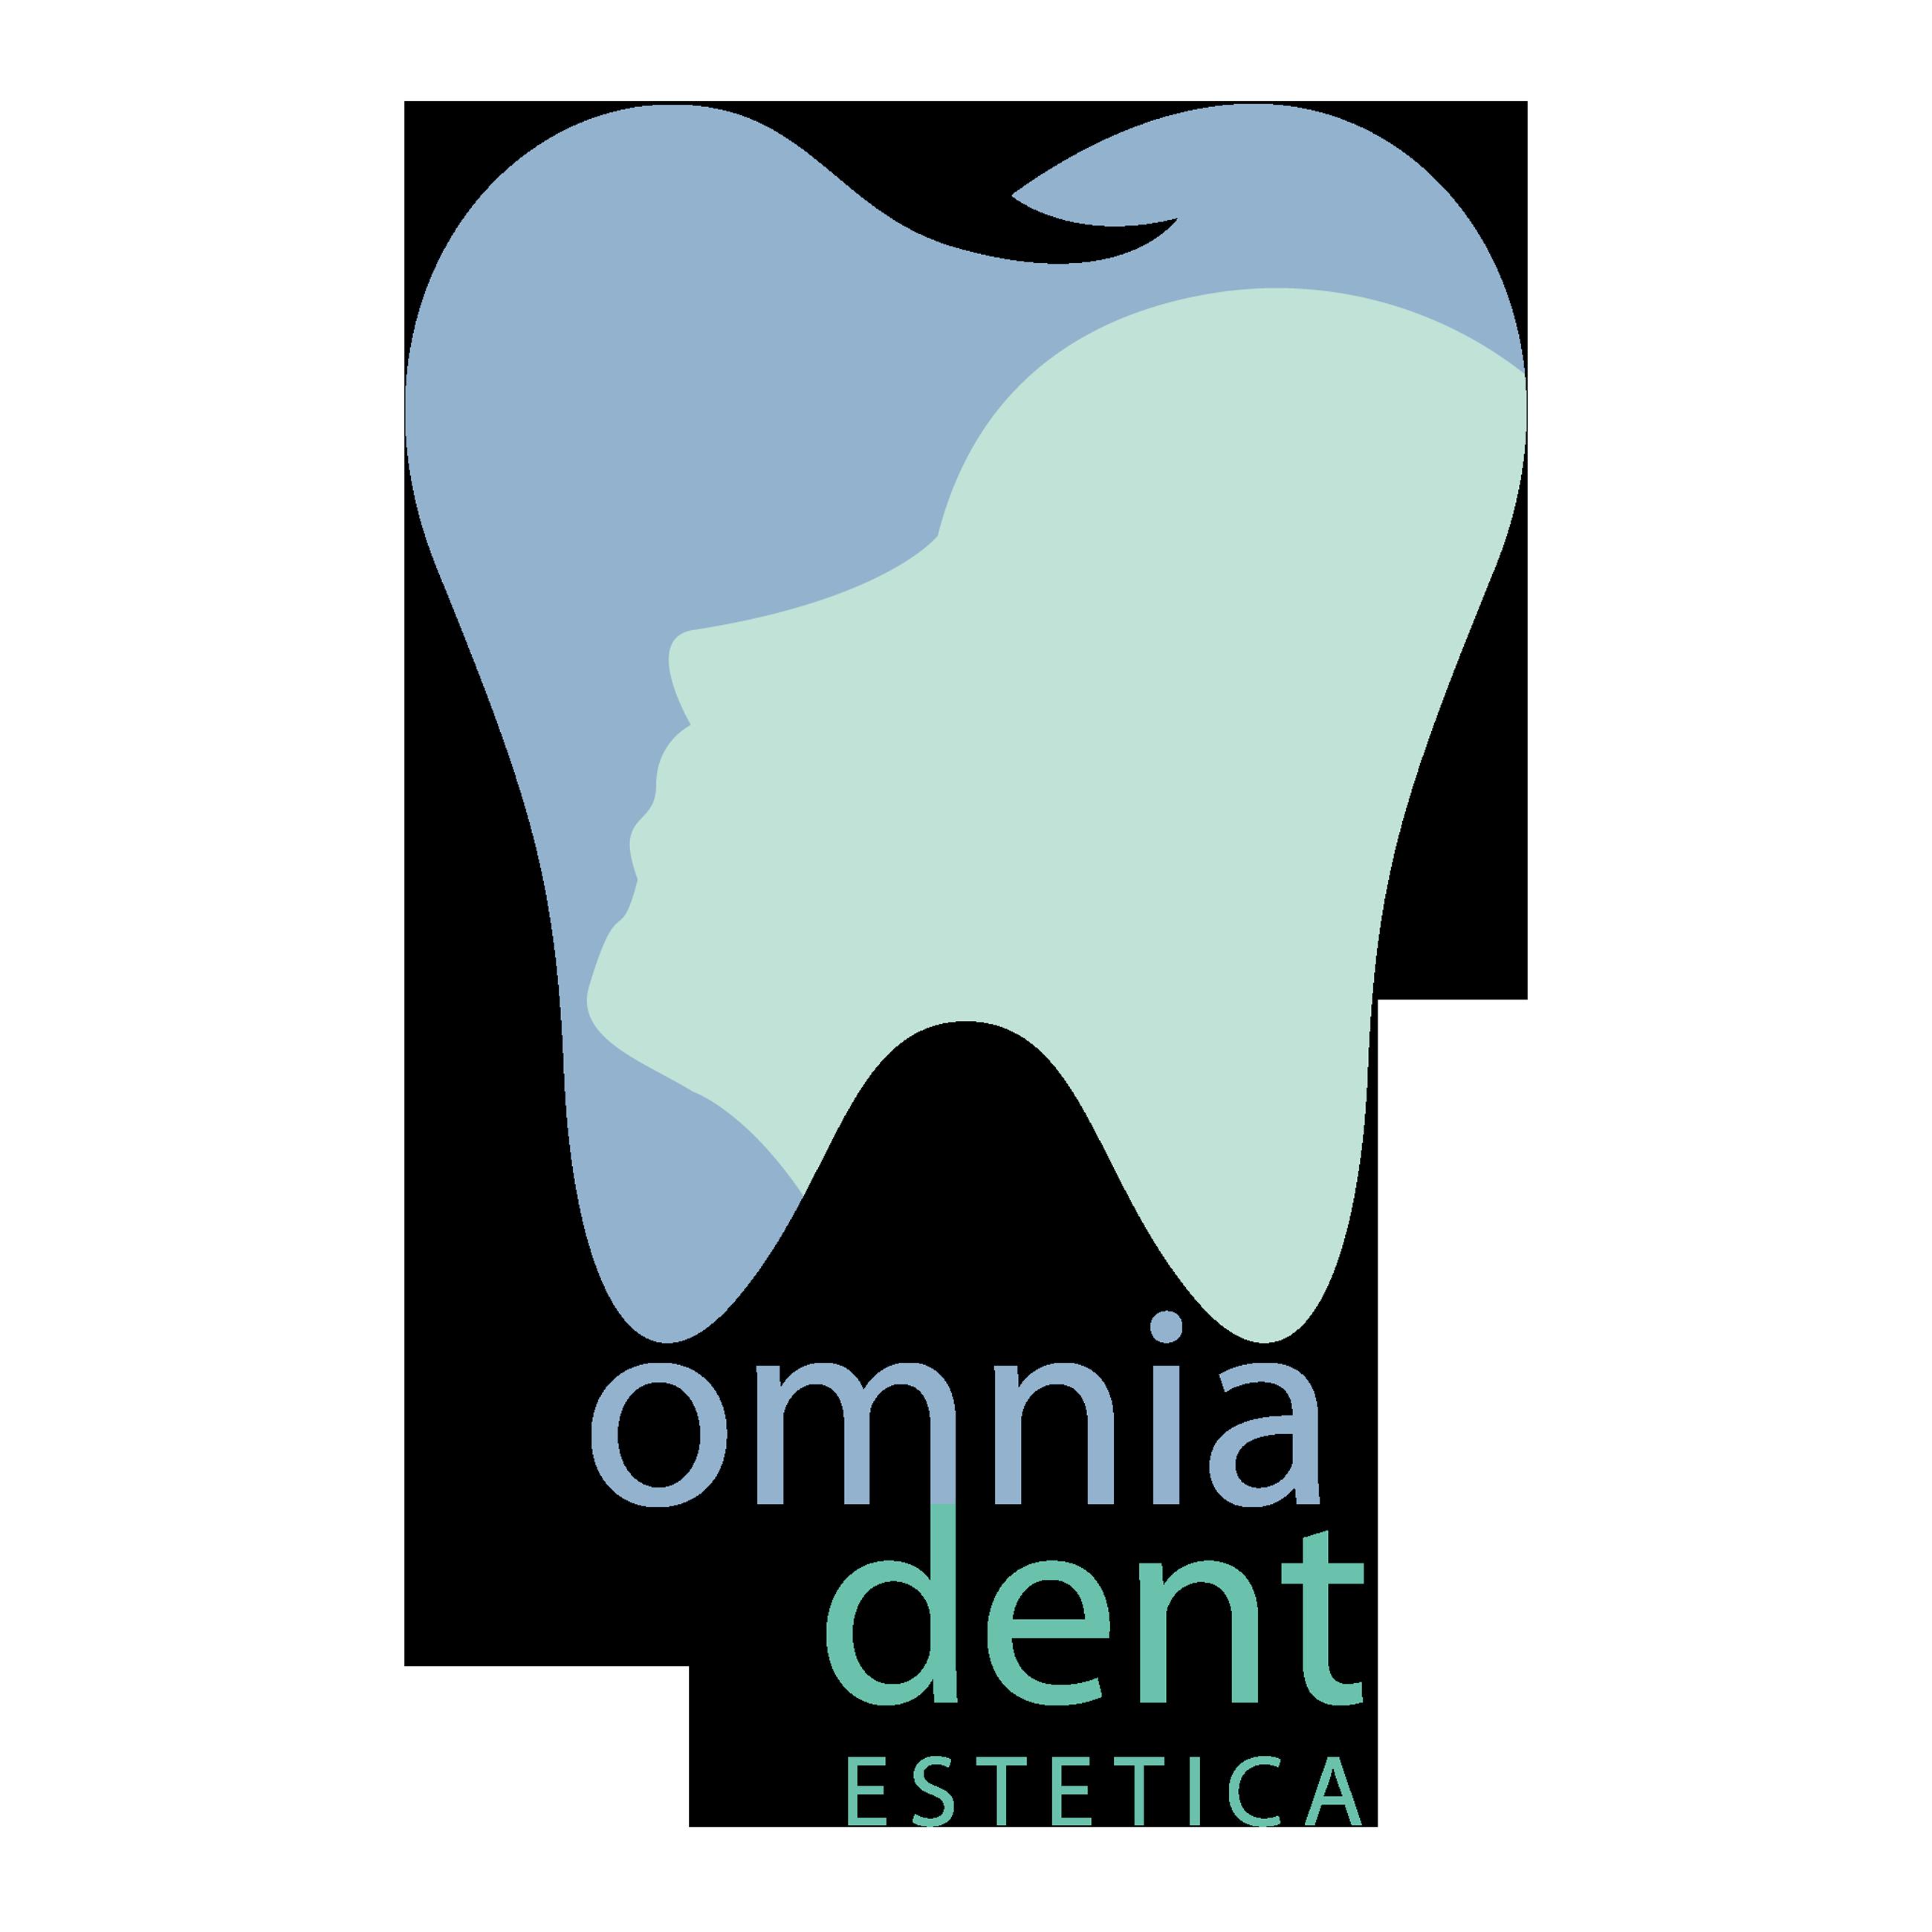 Omniadent sas Logo